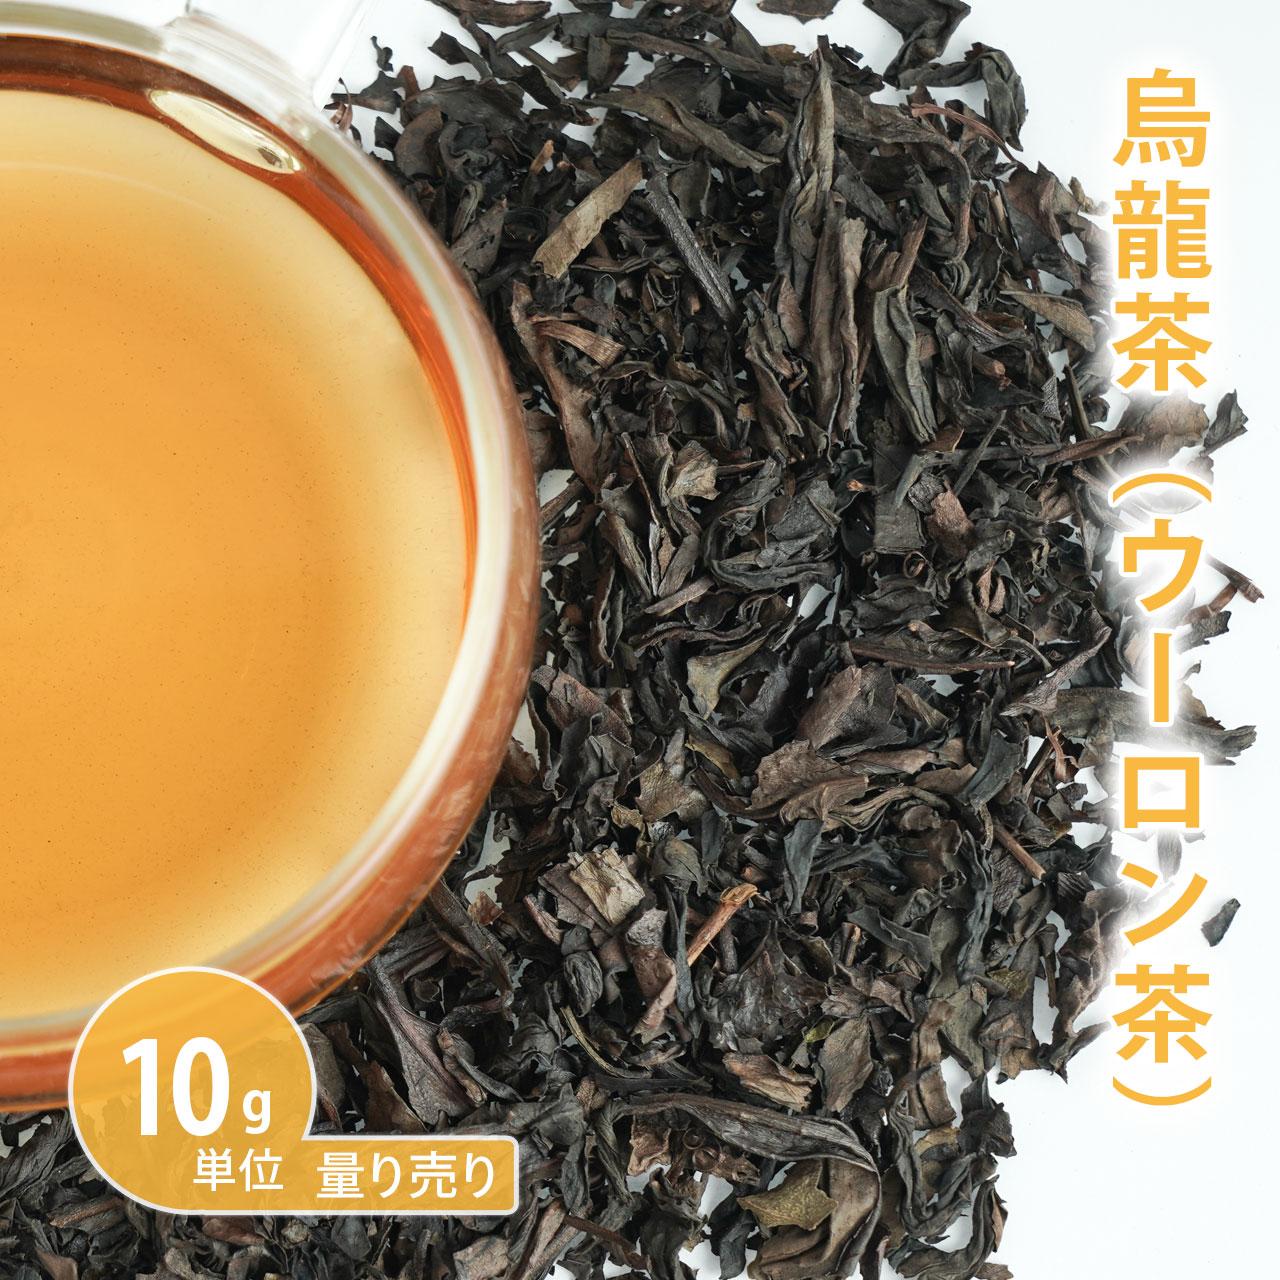 【ポストお届け可/8】 烏龍茶[ウーロン茶] [ 10g単位 量り売り ] 【中国茶】